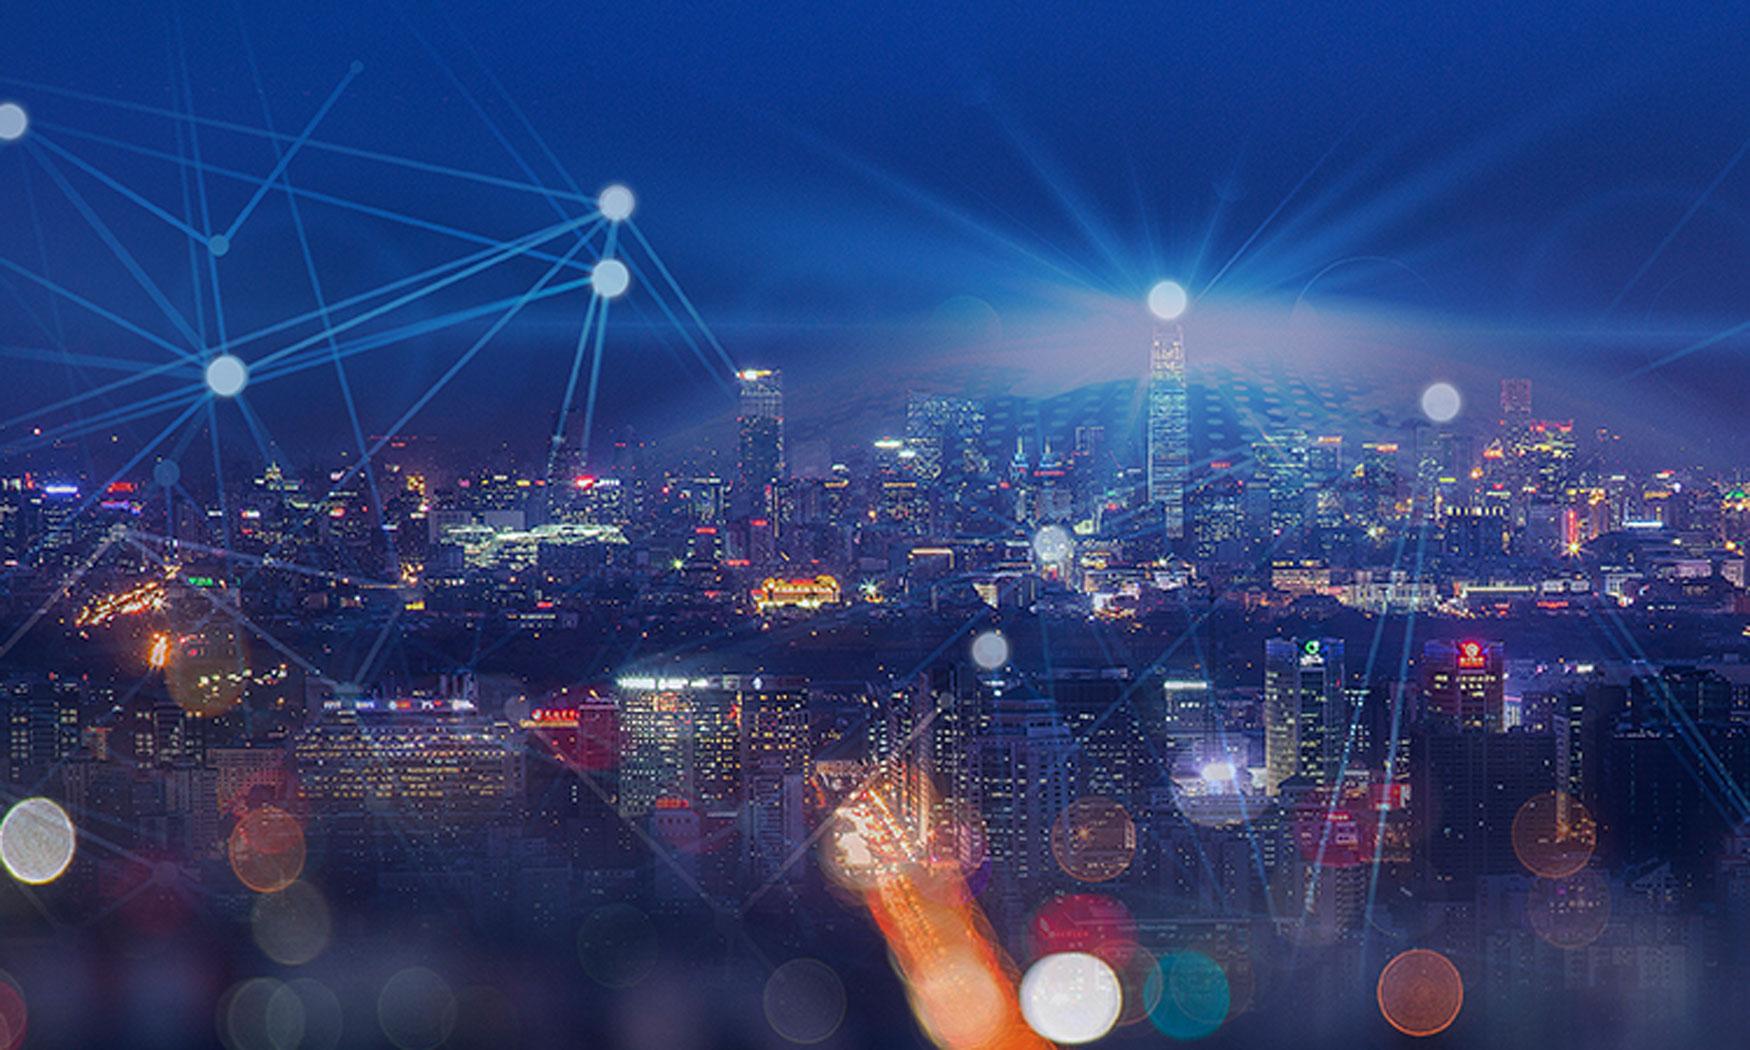 5年7亿融资,Udesk如何获得近50家世界500强客户青睐 | 爱分析调研-爱分析ifenxi